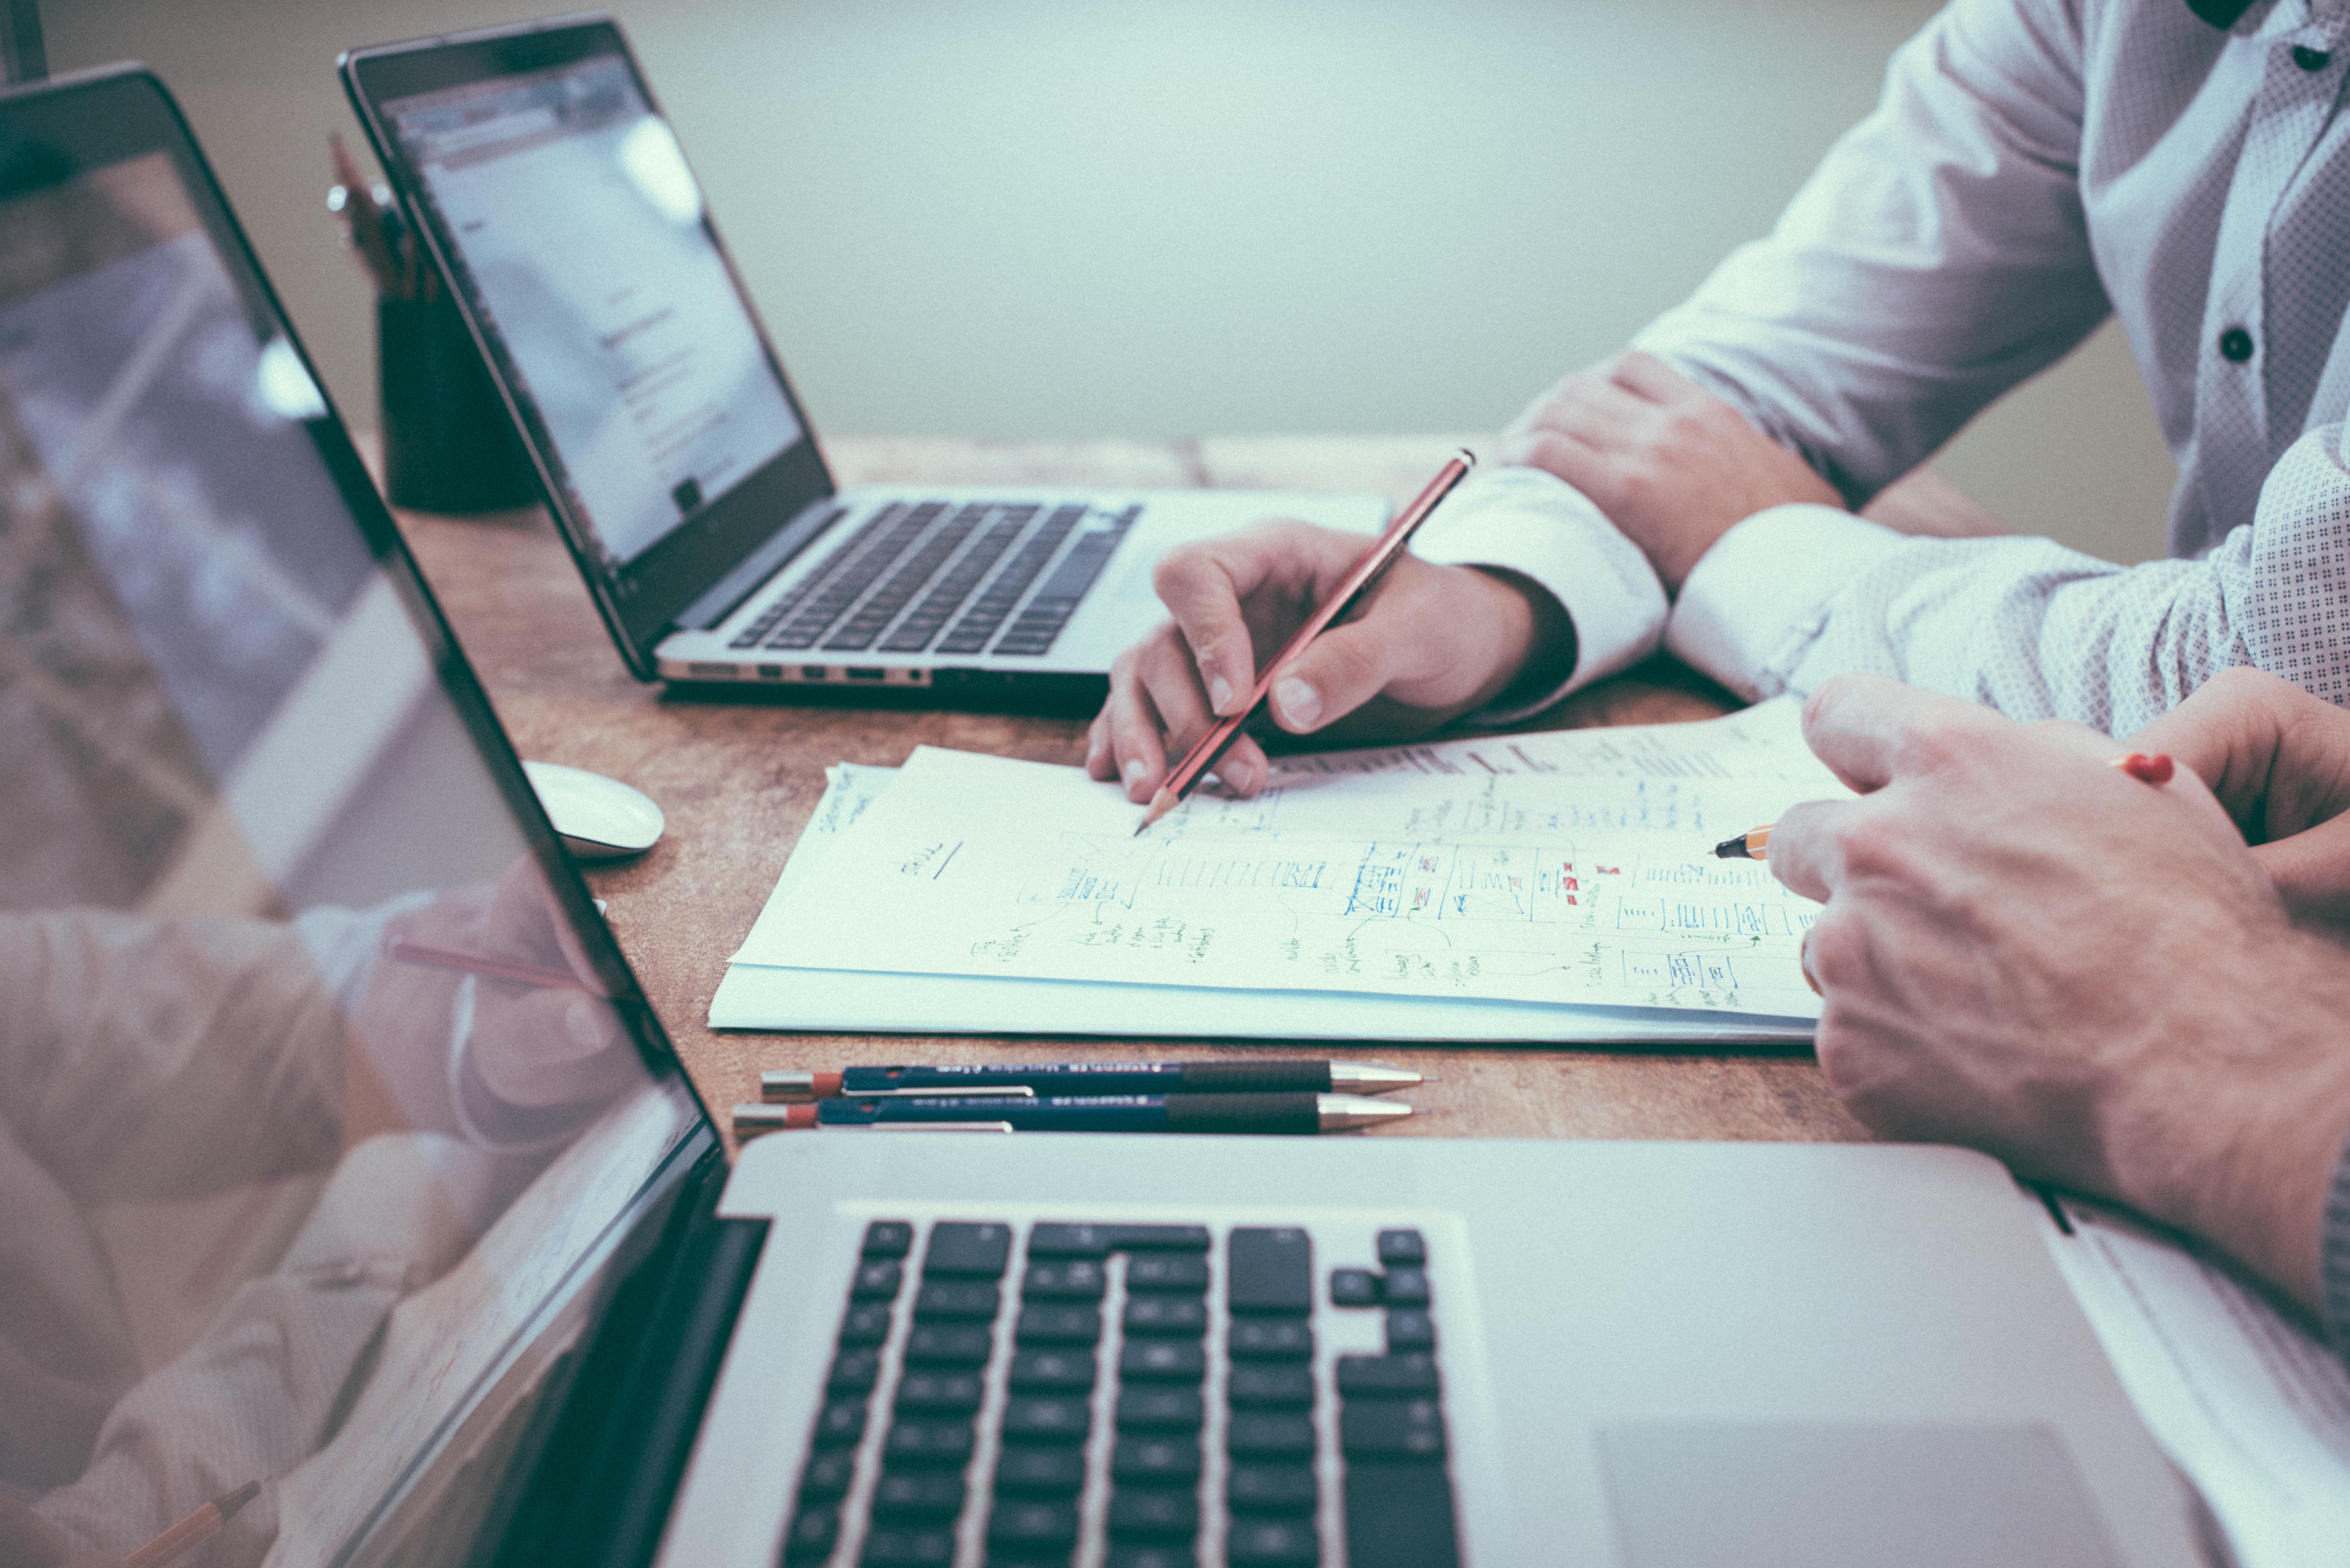 Bei Rechts- und Finanzierungsfragen sind Start-ups oft auf Hilfe von außen angewiesen (Foto: Free-Photos/Pixabay)